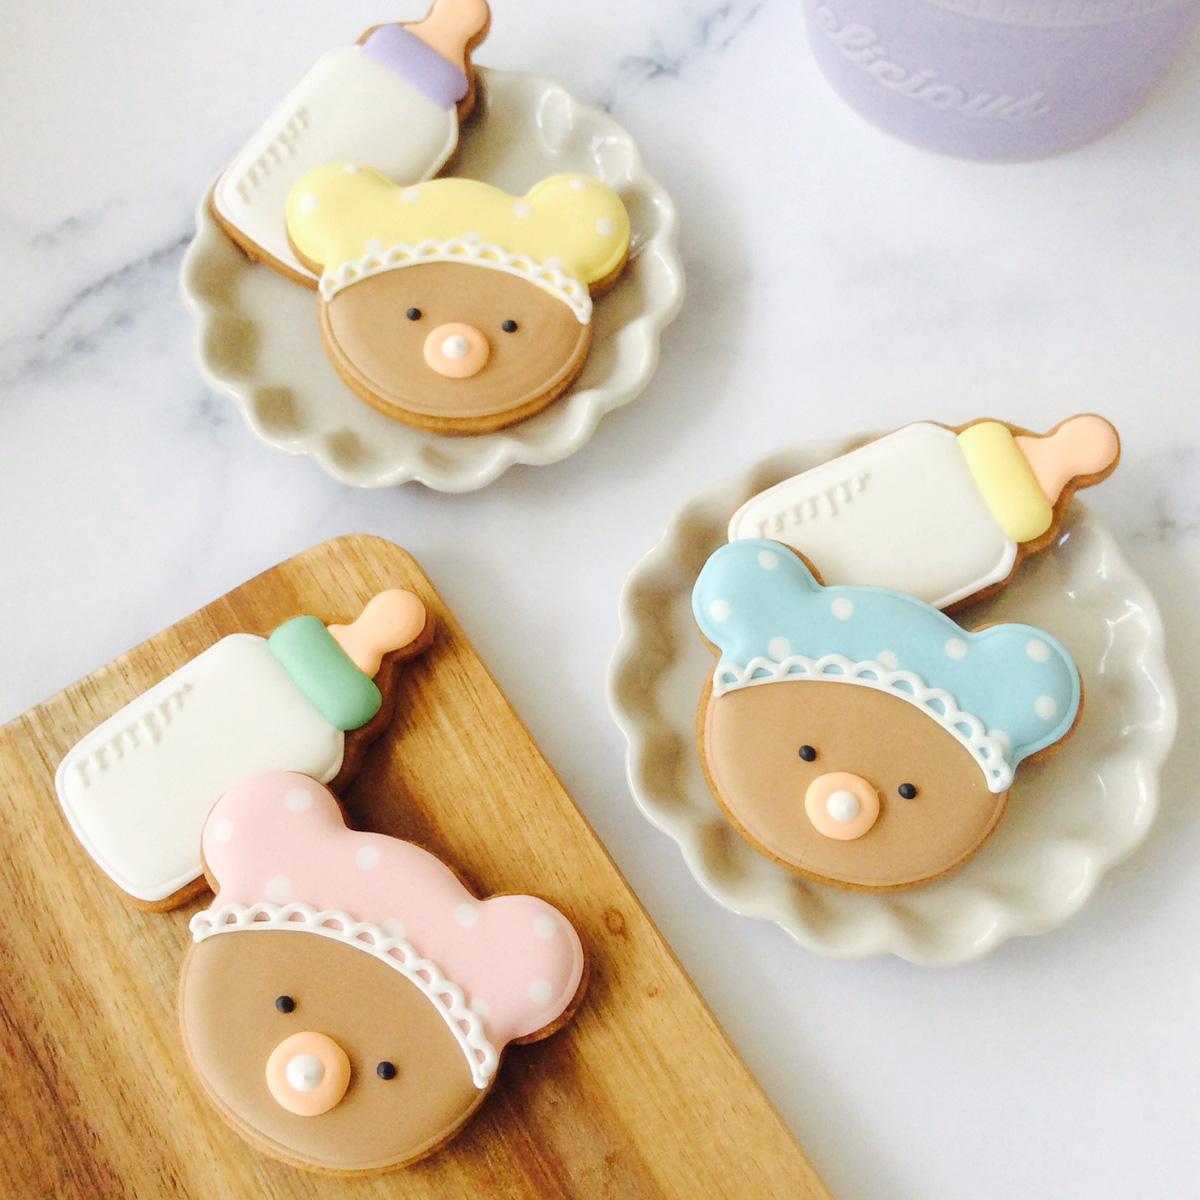 BABYくまと哺乳瓶のクッキー